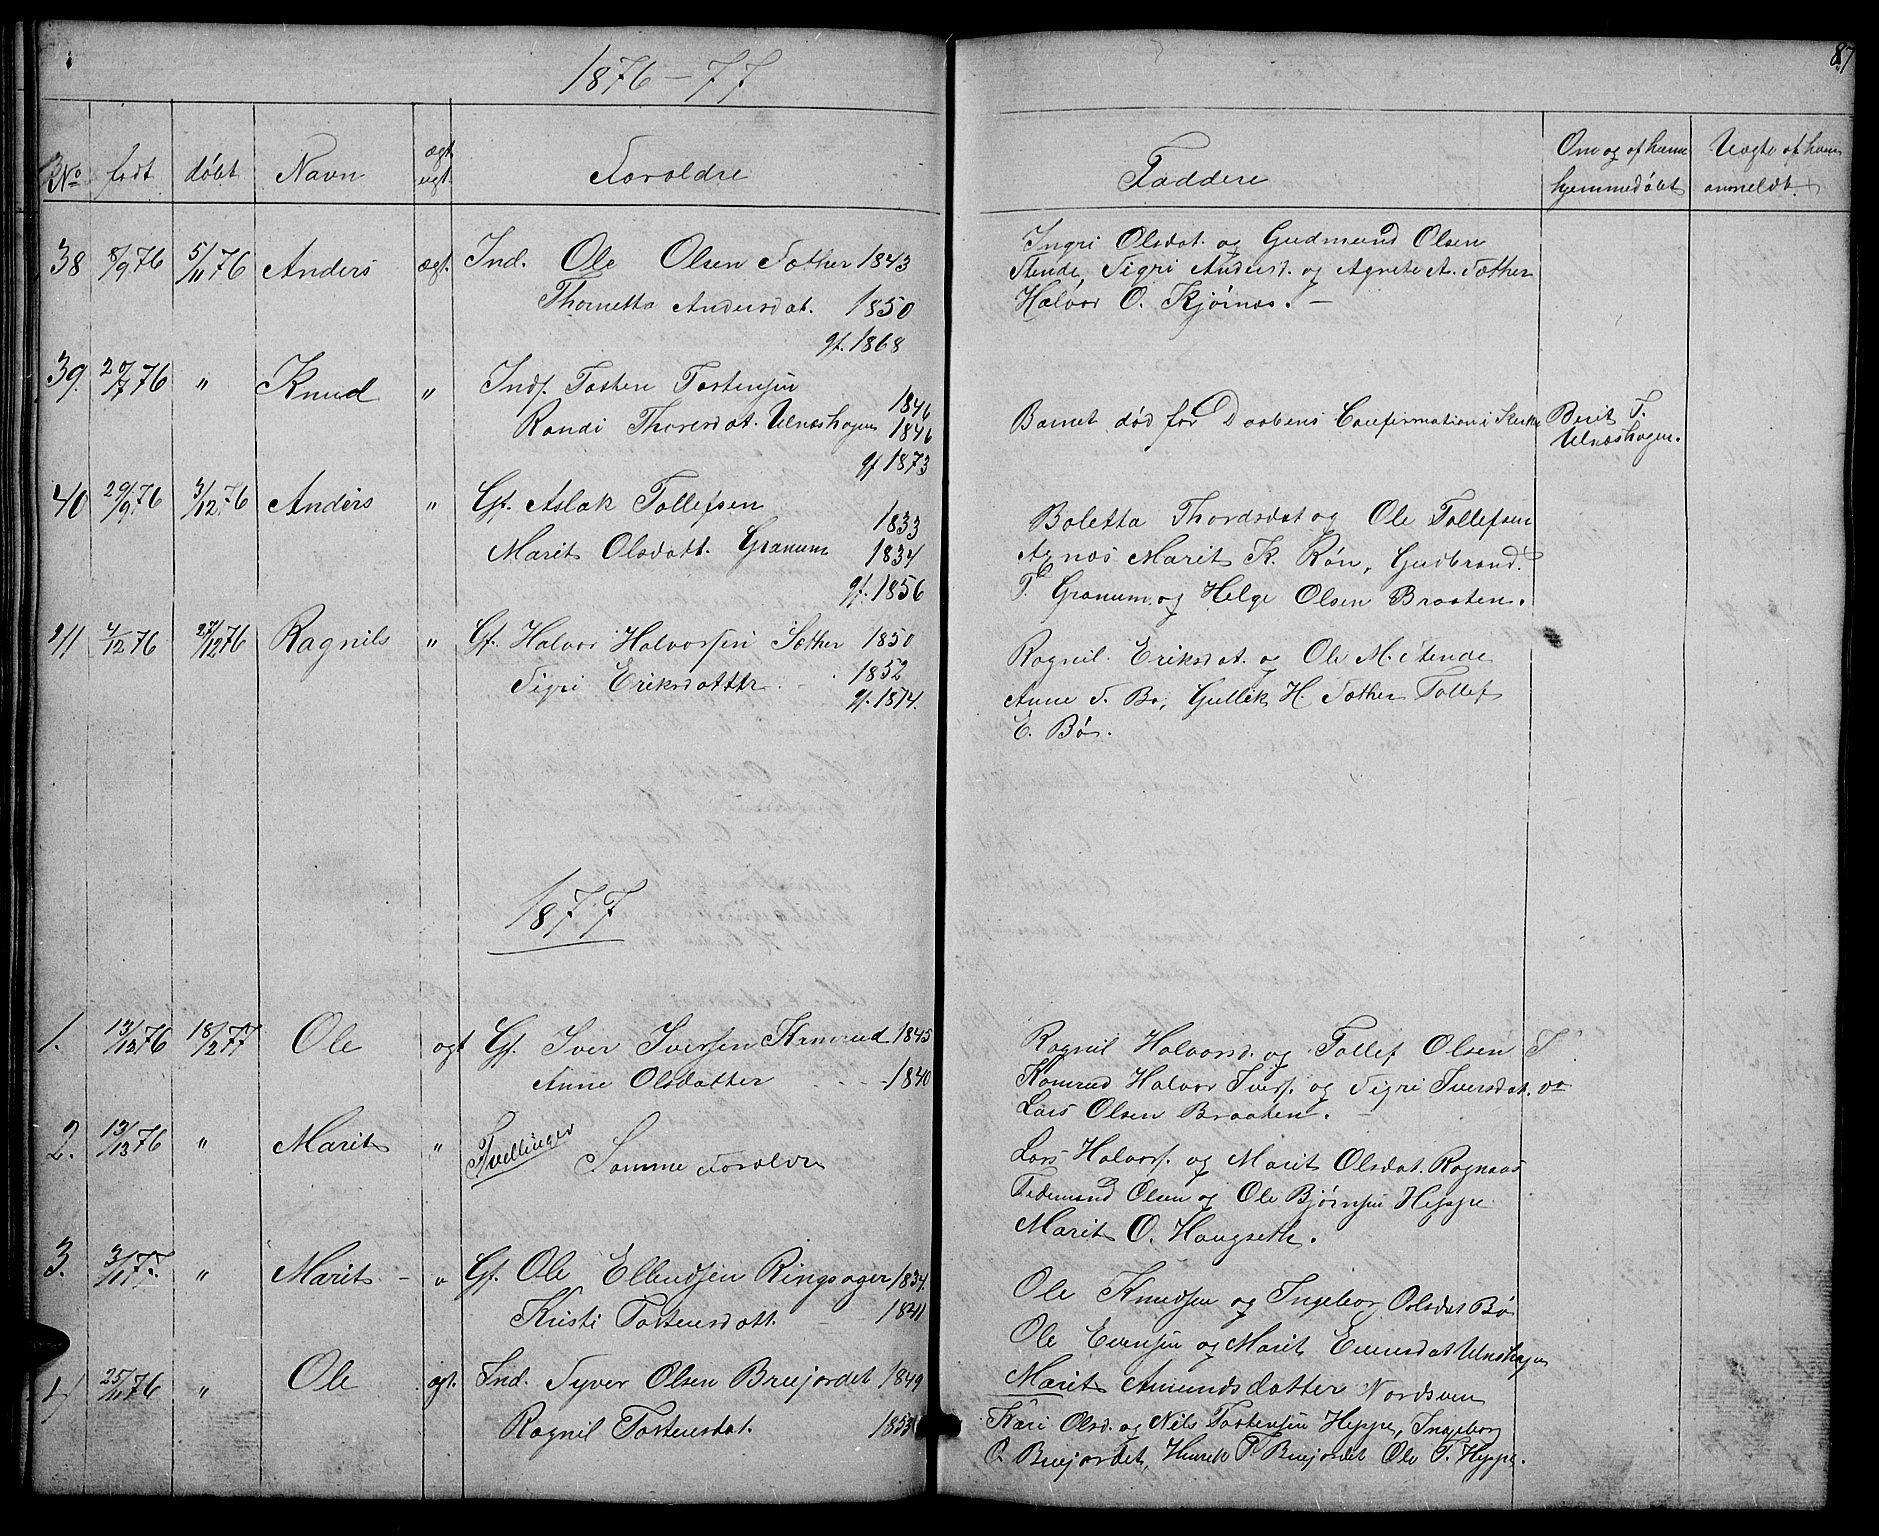 SAH, Nord-Aurdal prestekontor, Klokkerbok nr. 4, 1842-1882, s. 87